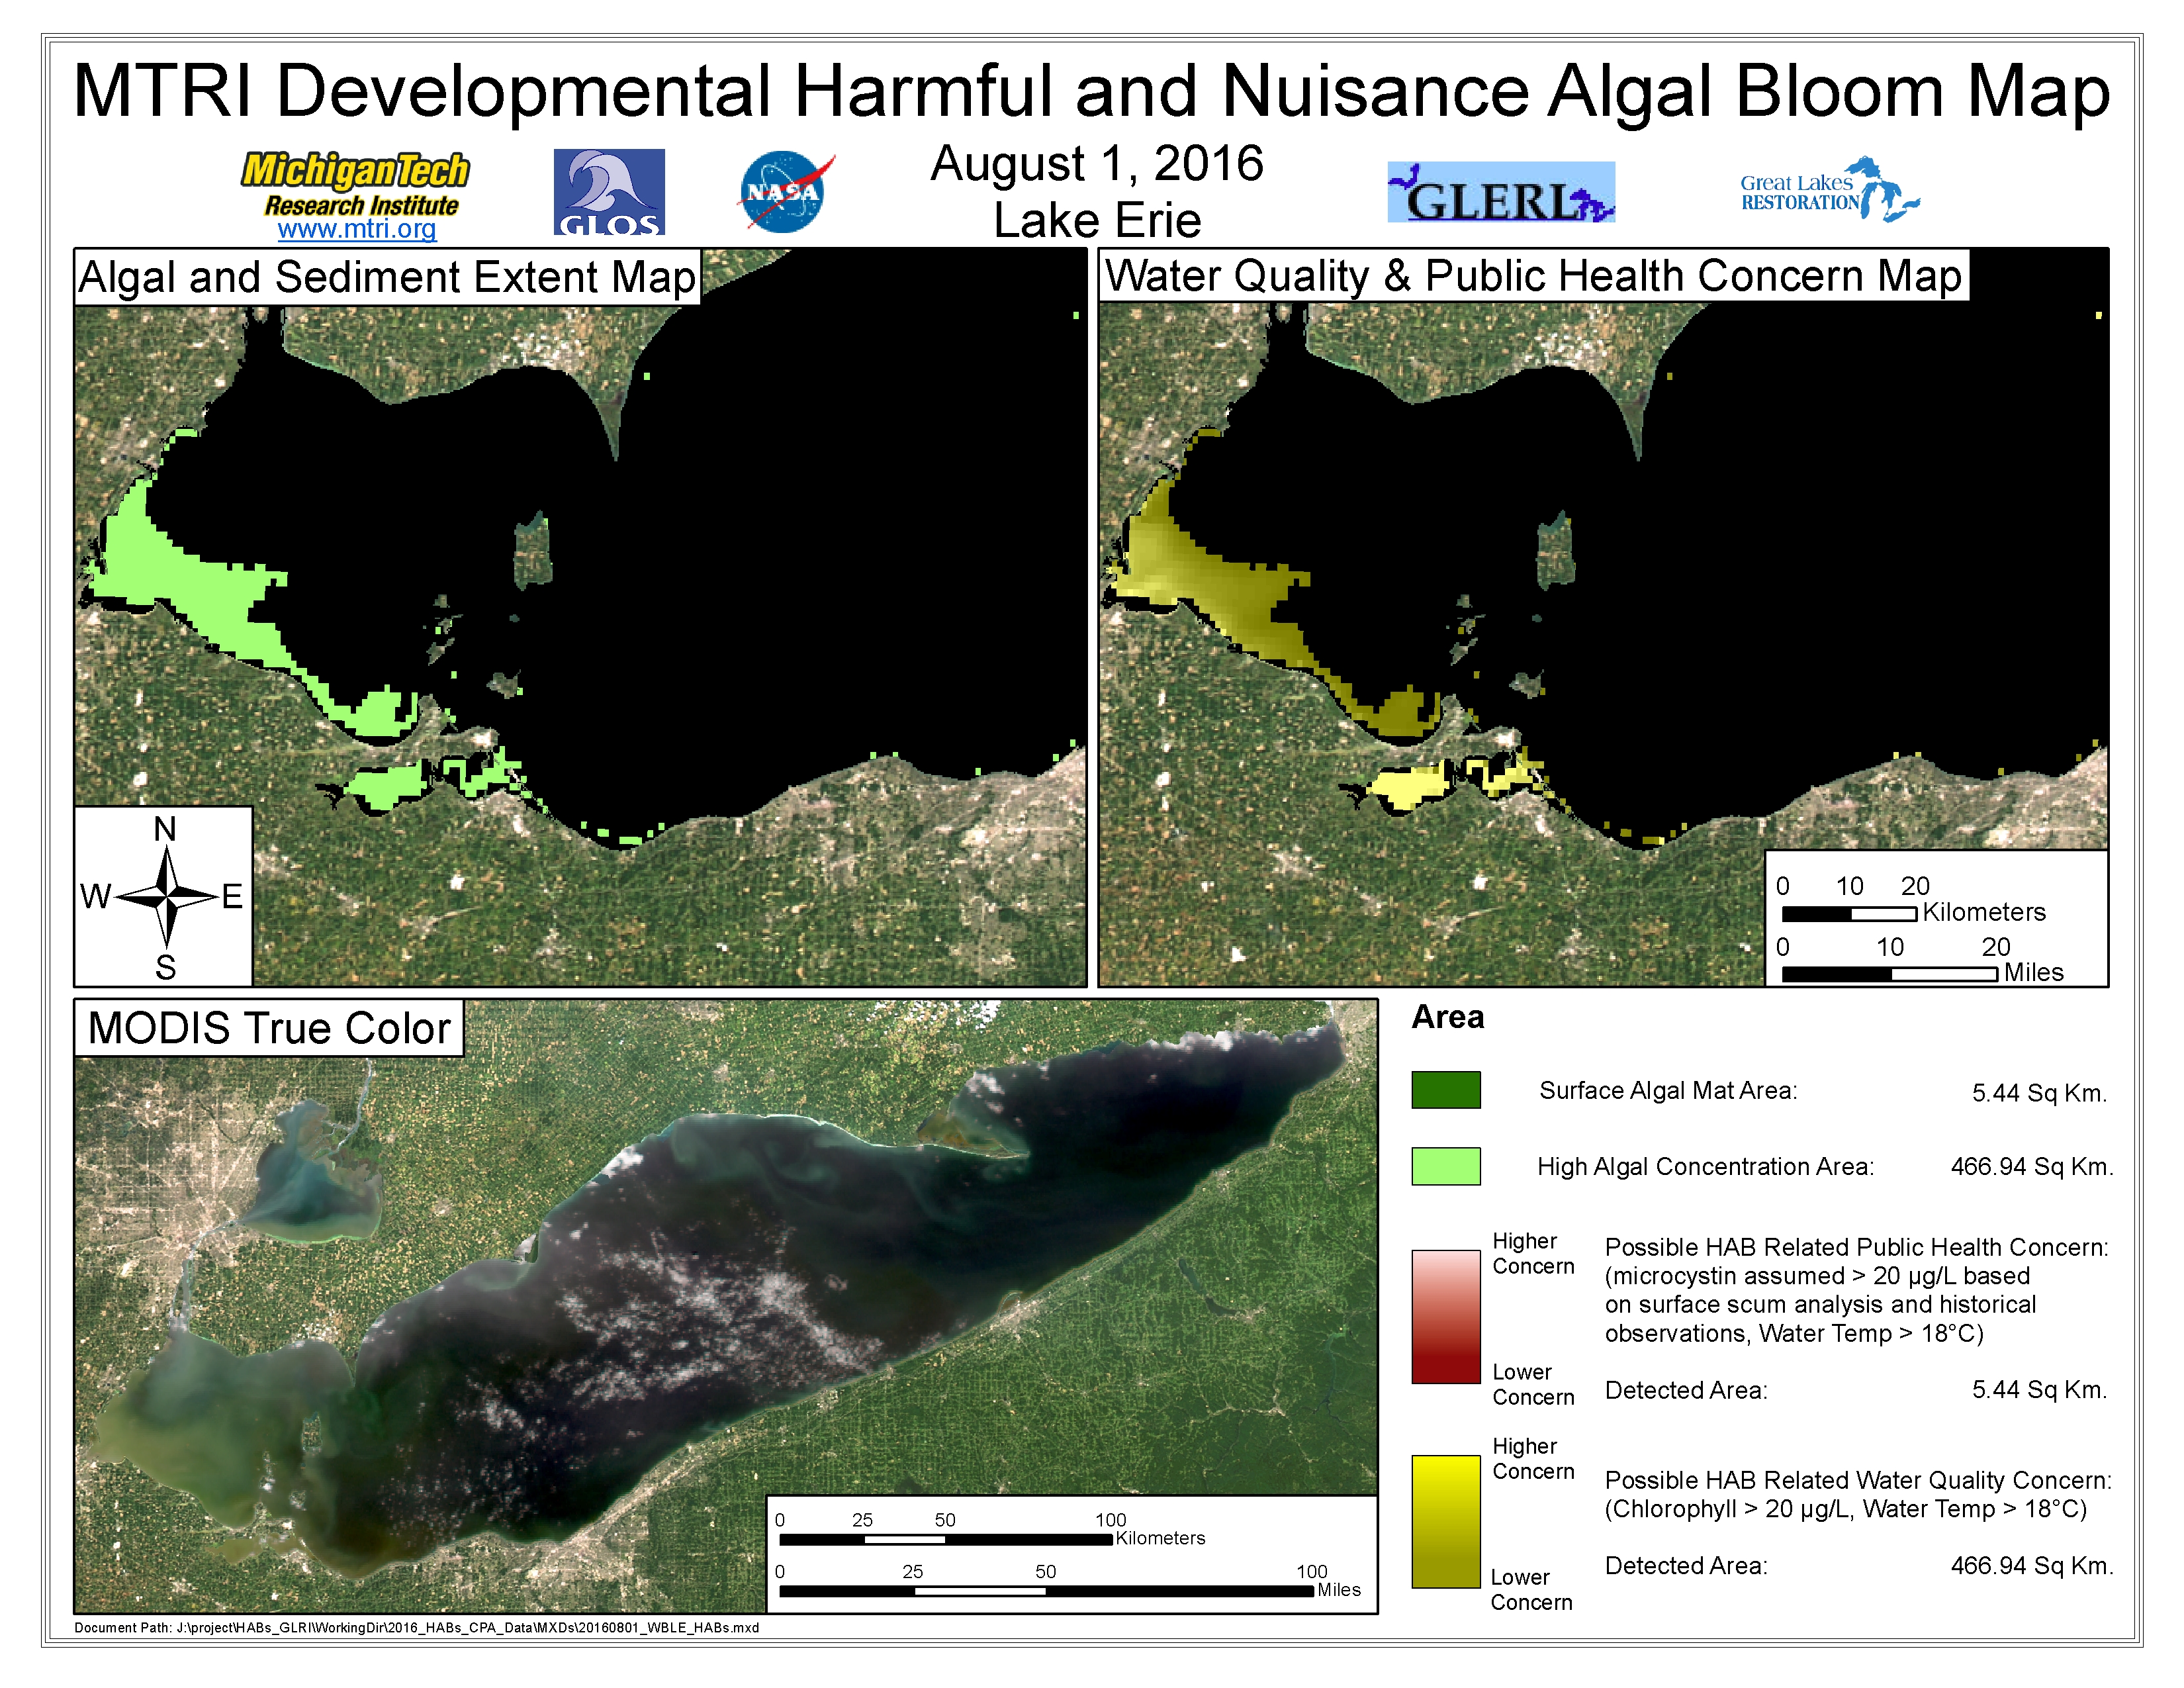 MODIS Aqua retrieval August 1, 2016